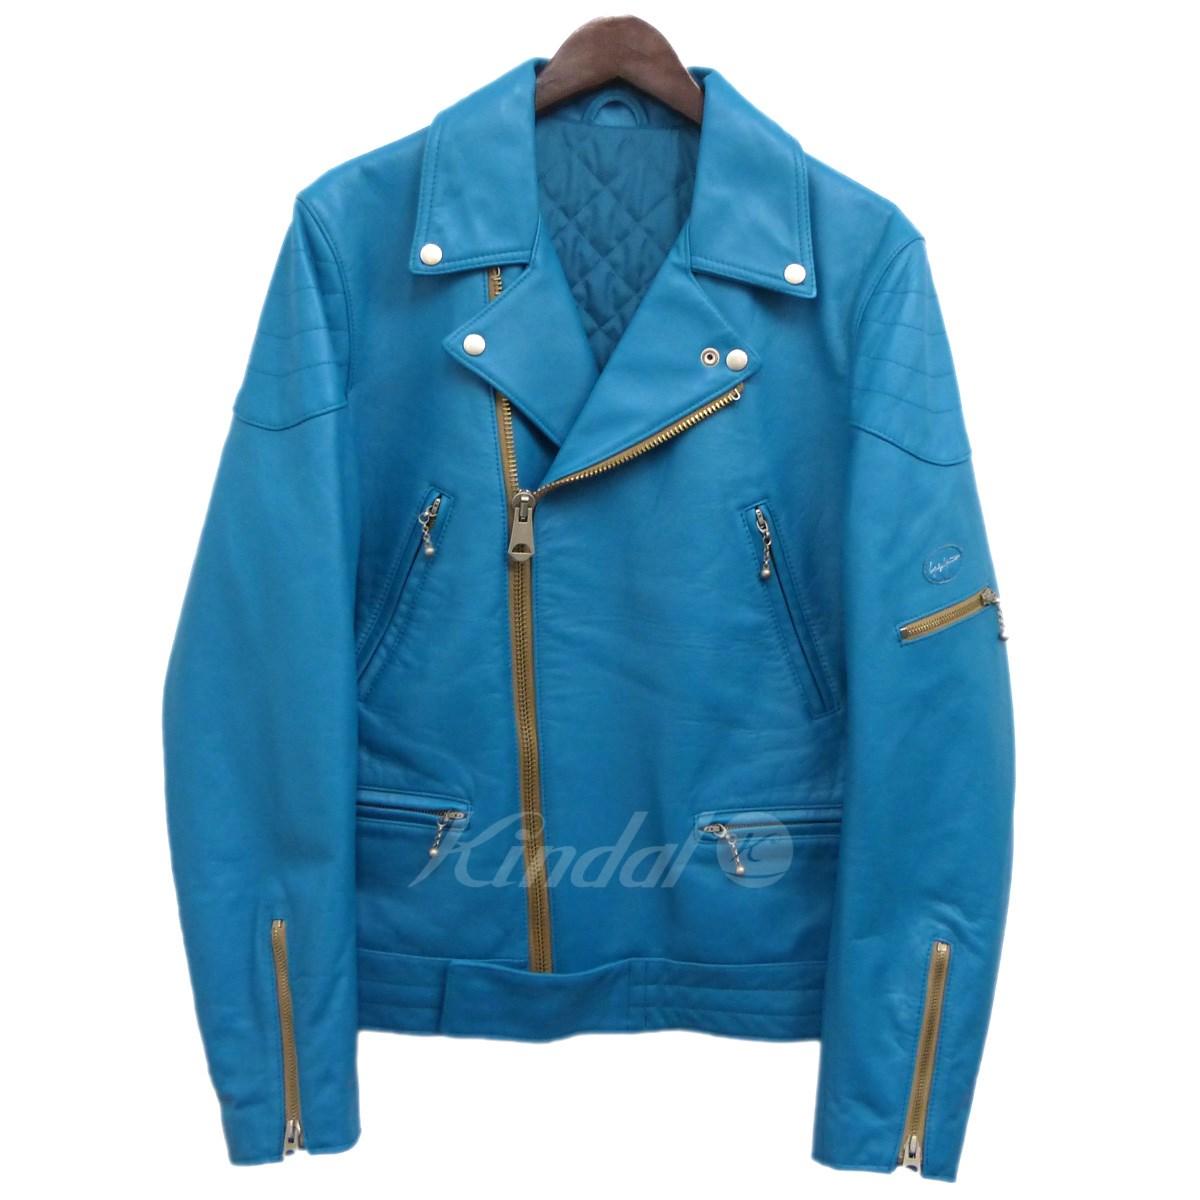 【中古】YOHJI YAMAMOTO pour homme 17AWレザーダブルライダースジャケット ターコイズブルー サイズ:3 【送料無料】 【110319】(ヨウジヤマモトプールオム)